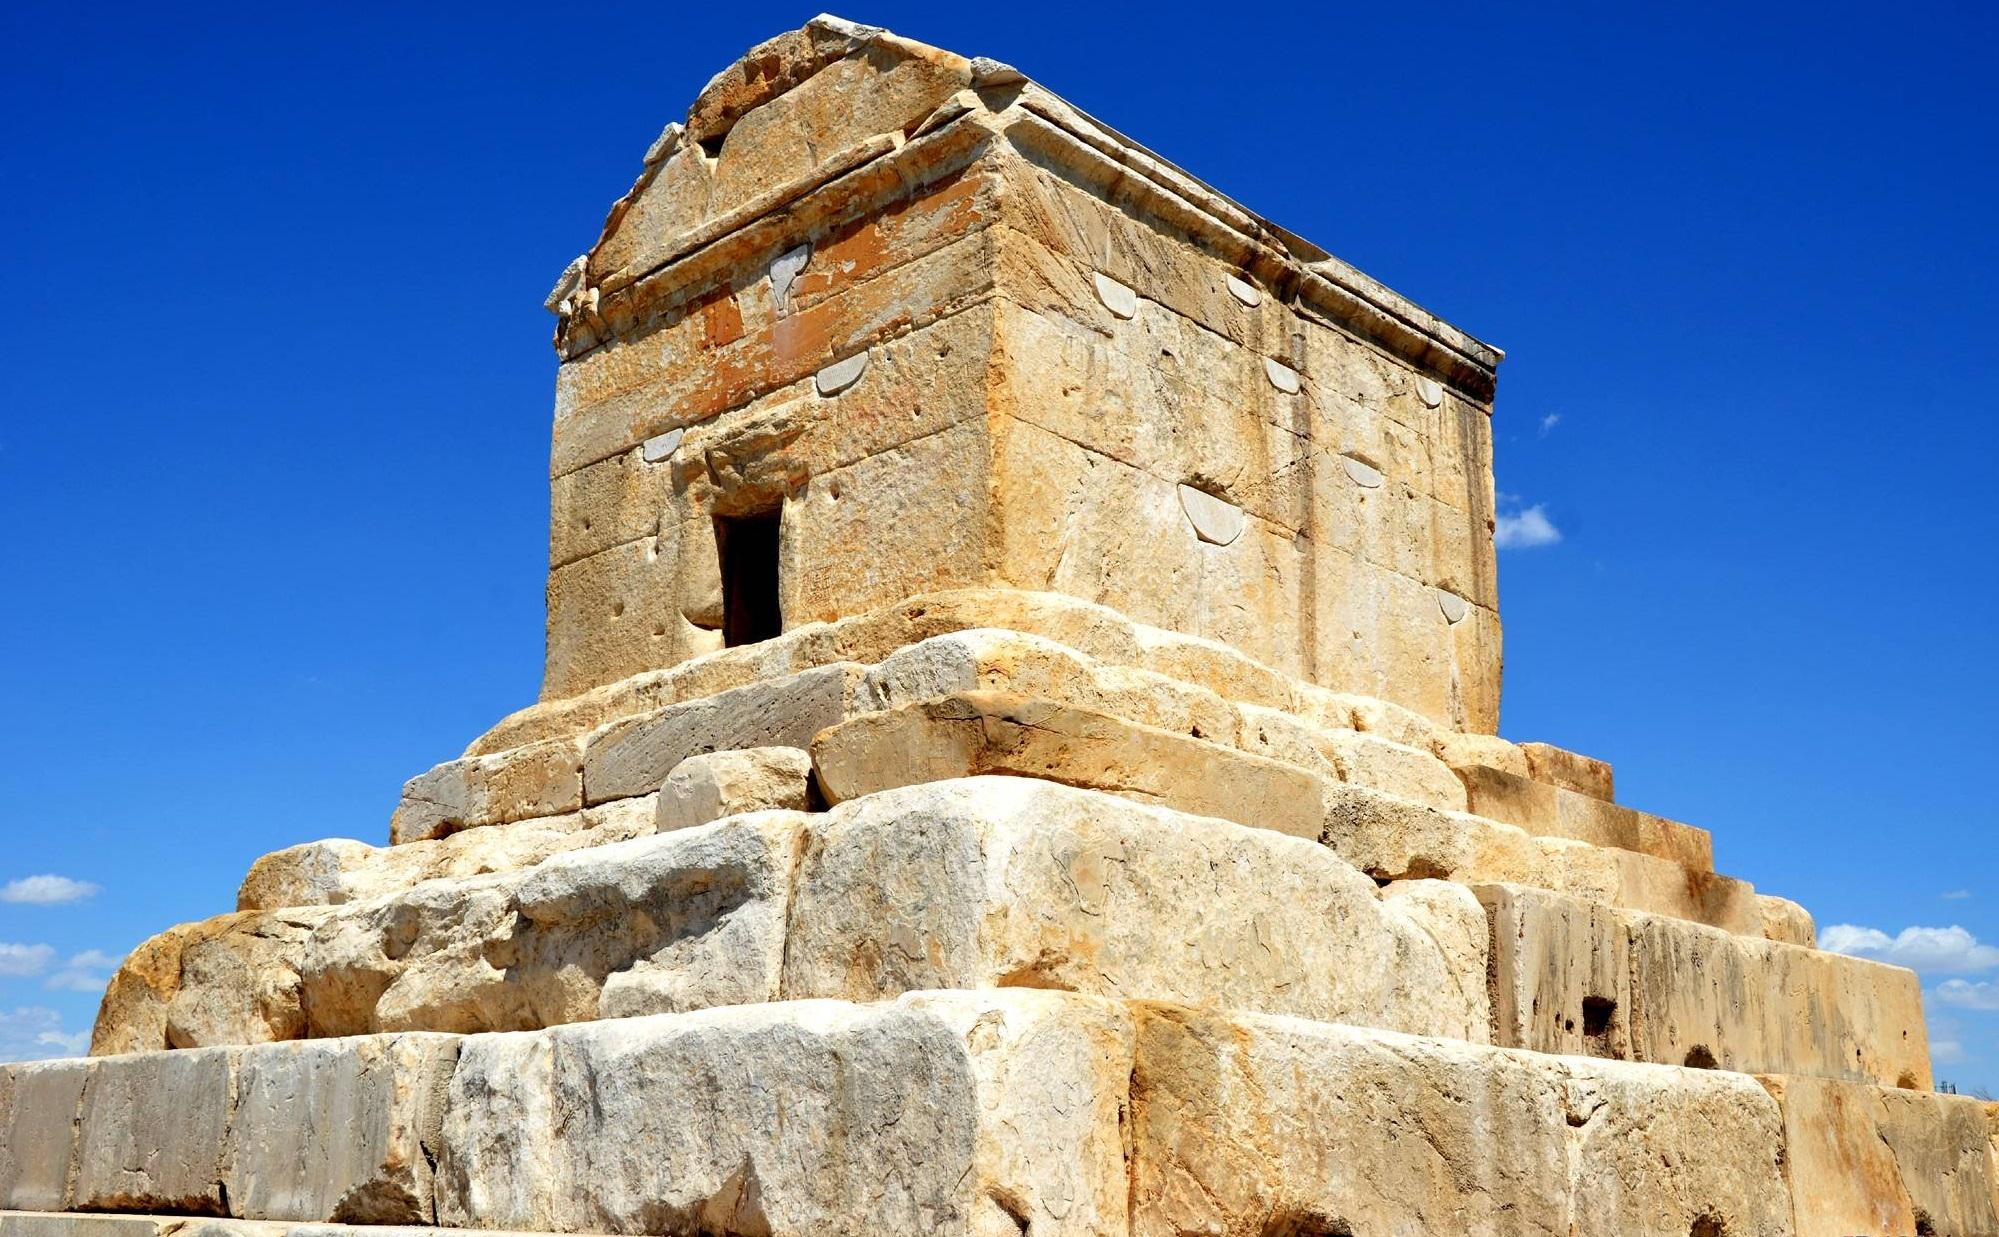 上图:位于伊朗帕萨尔加德(Pasargadae)的古列王墓,已经保存了两千多年。波斯人和以色列人一样,非常重视祖先的坟墓。亚历山大大帝将它视为是古列王的陵墓。阿拉伯人认为这座陵墓违反伊斯兰教的教义,曾经试图破坏。但陵墓的管理人让阿拉伯统治者相信这是所罗门母亲的坟墓,因而免于被毁。